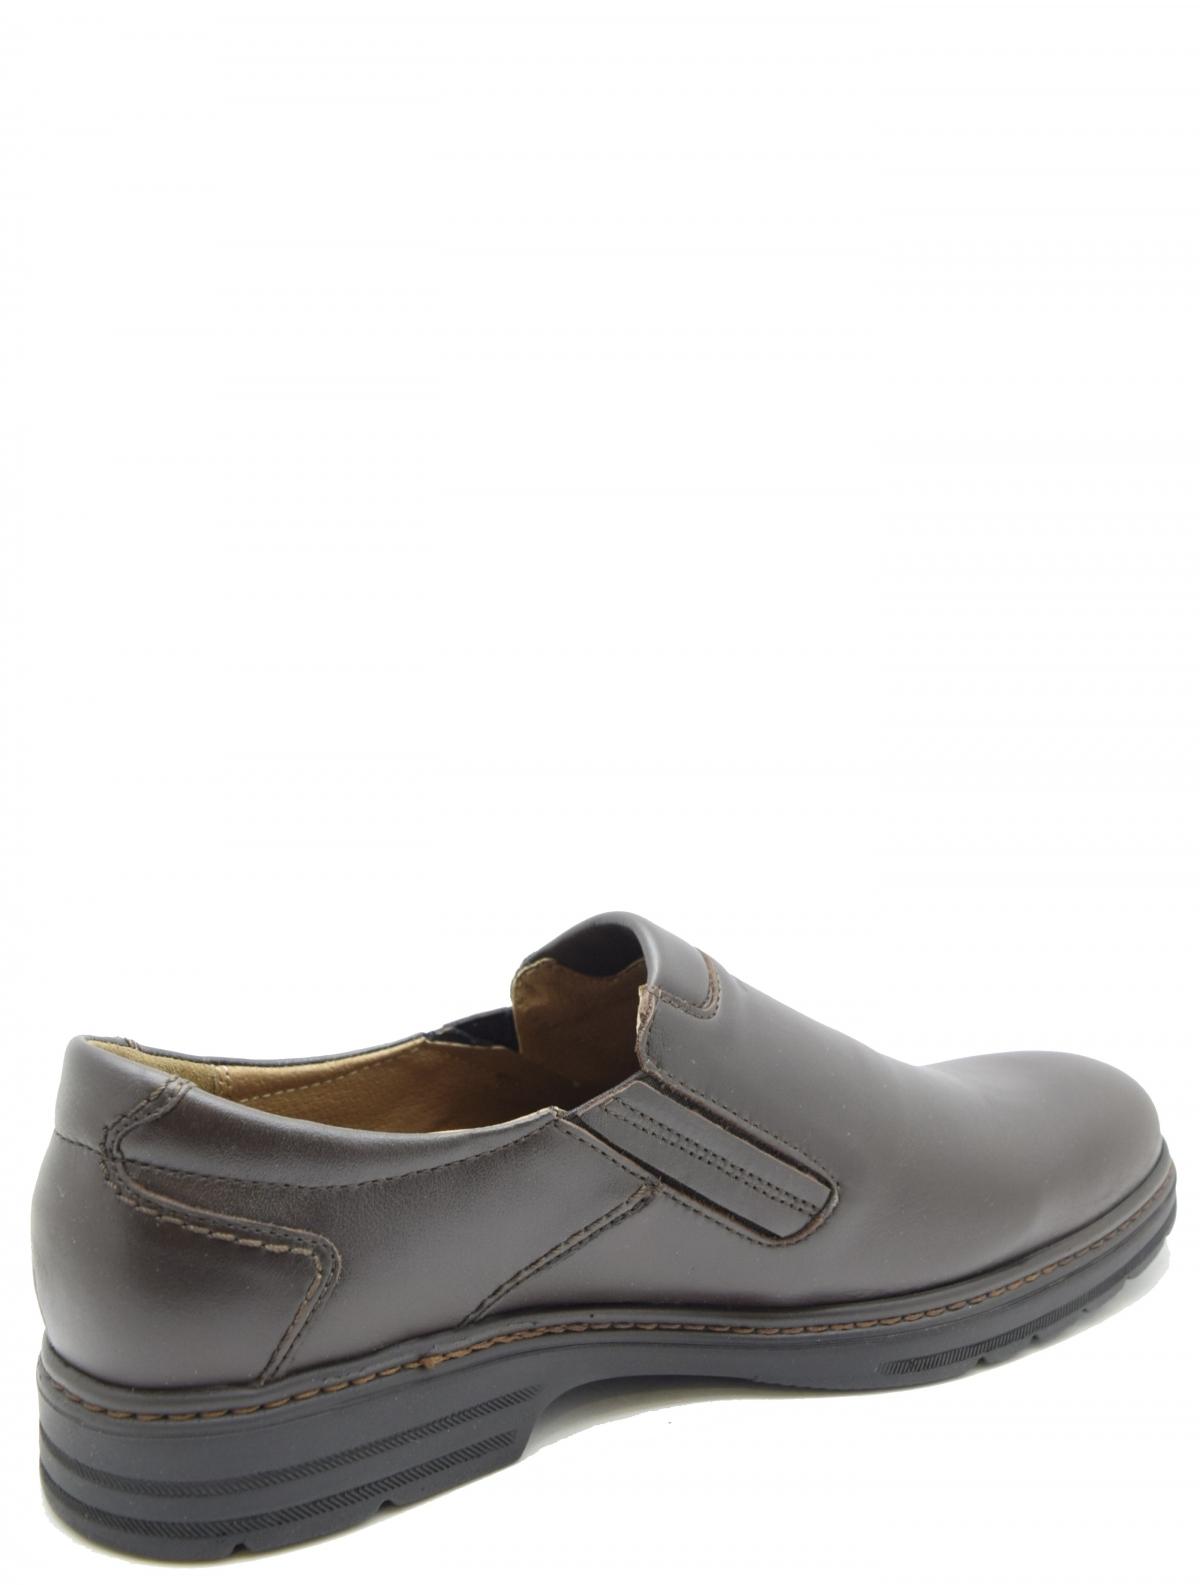 Burgerschuhe 70202 мужские туфли